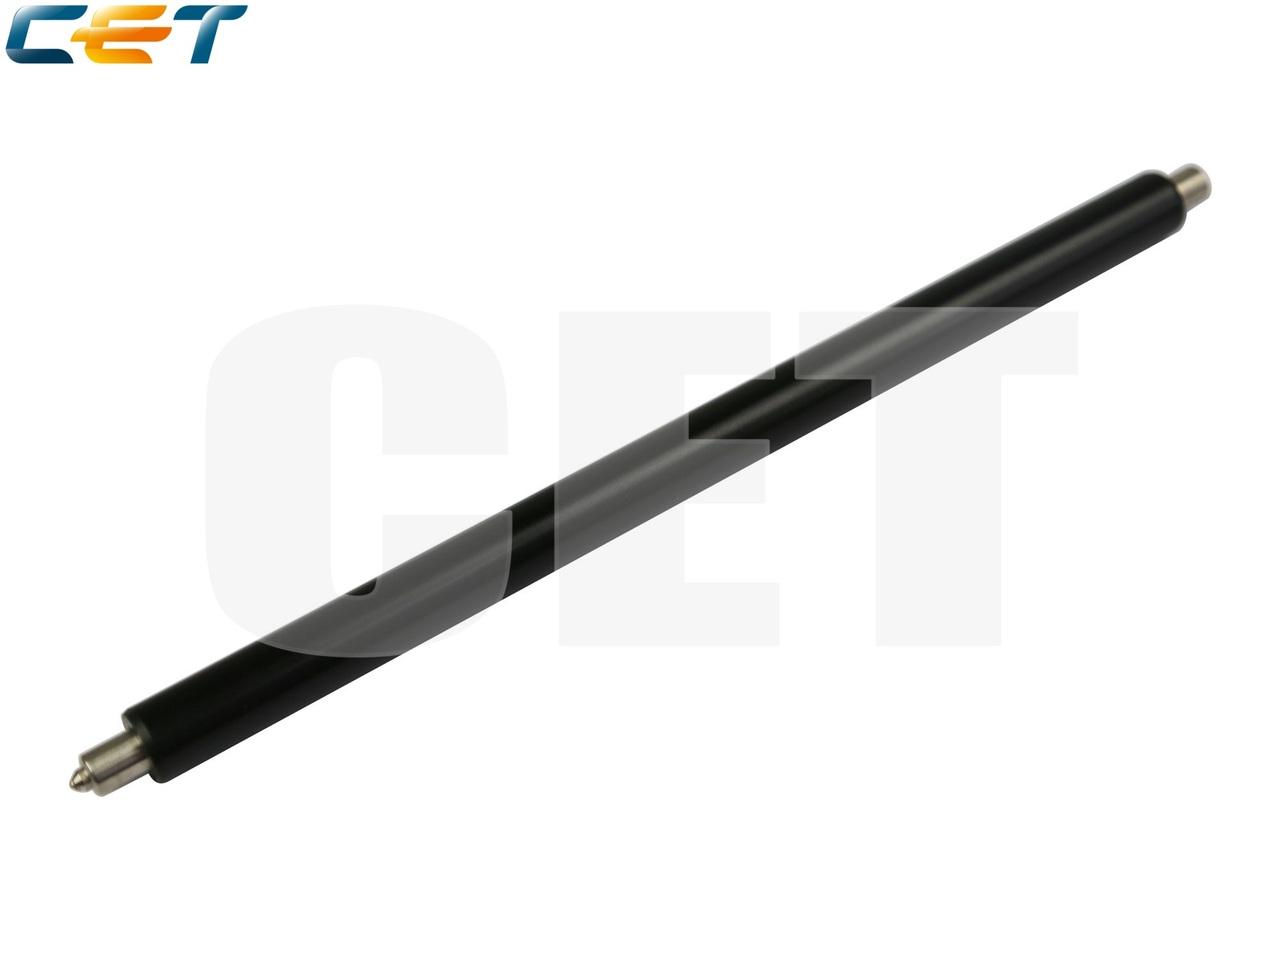 Ролик заряда для RICOH Aficio 1515 (CET), CET6201